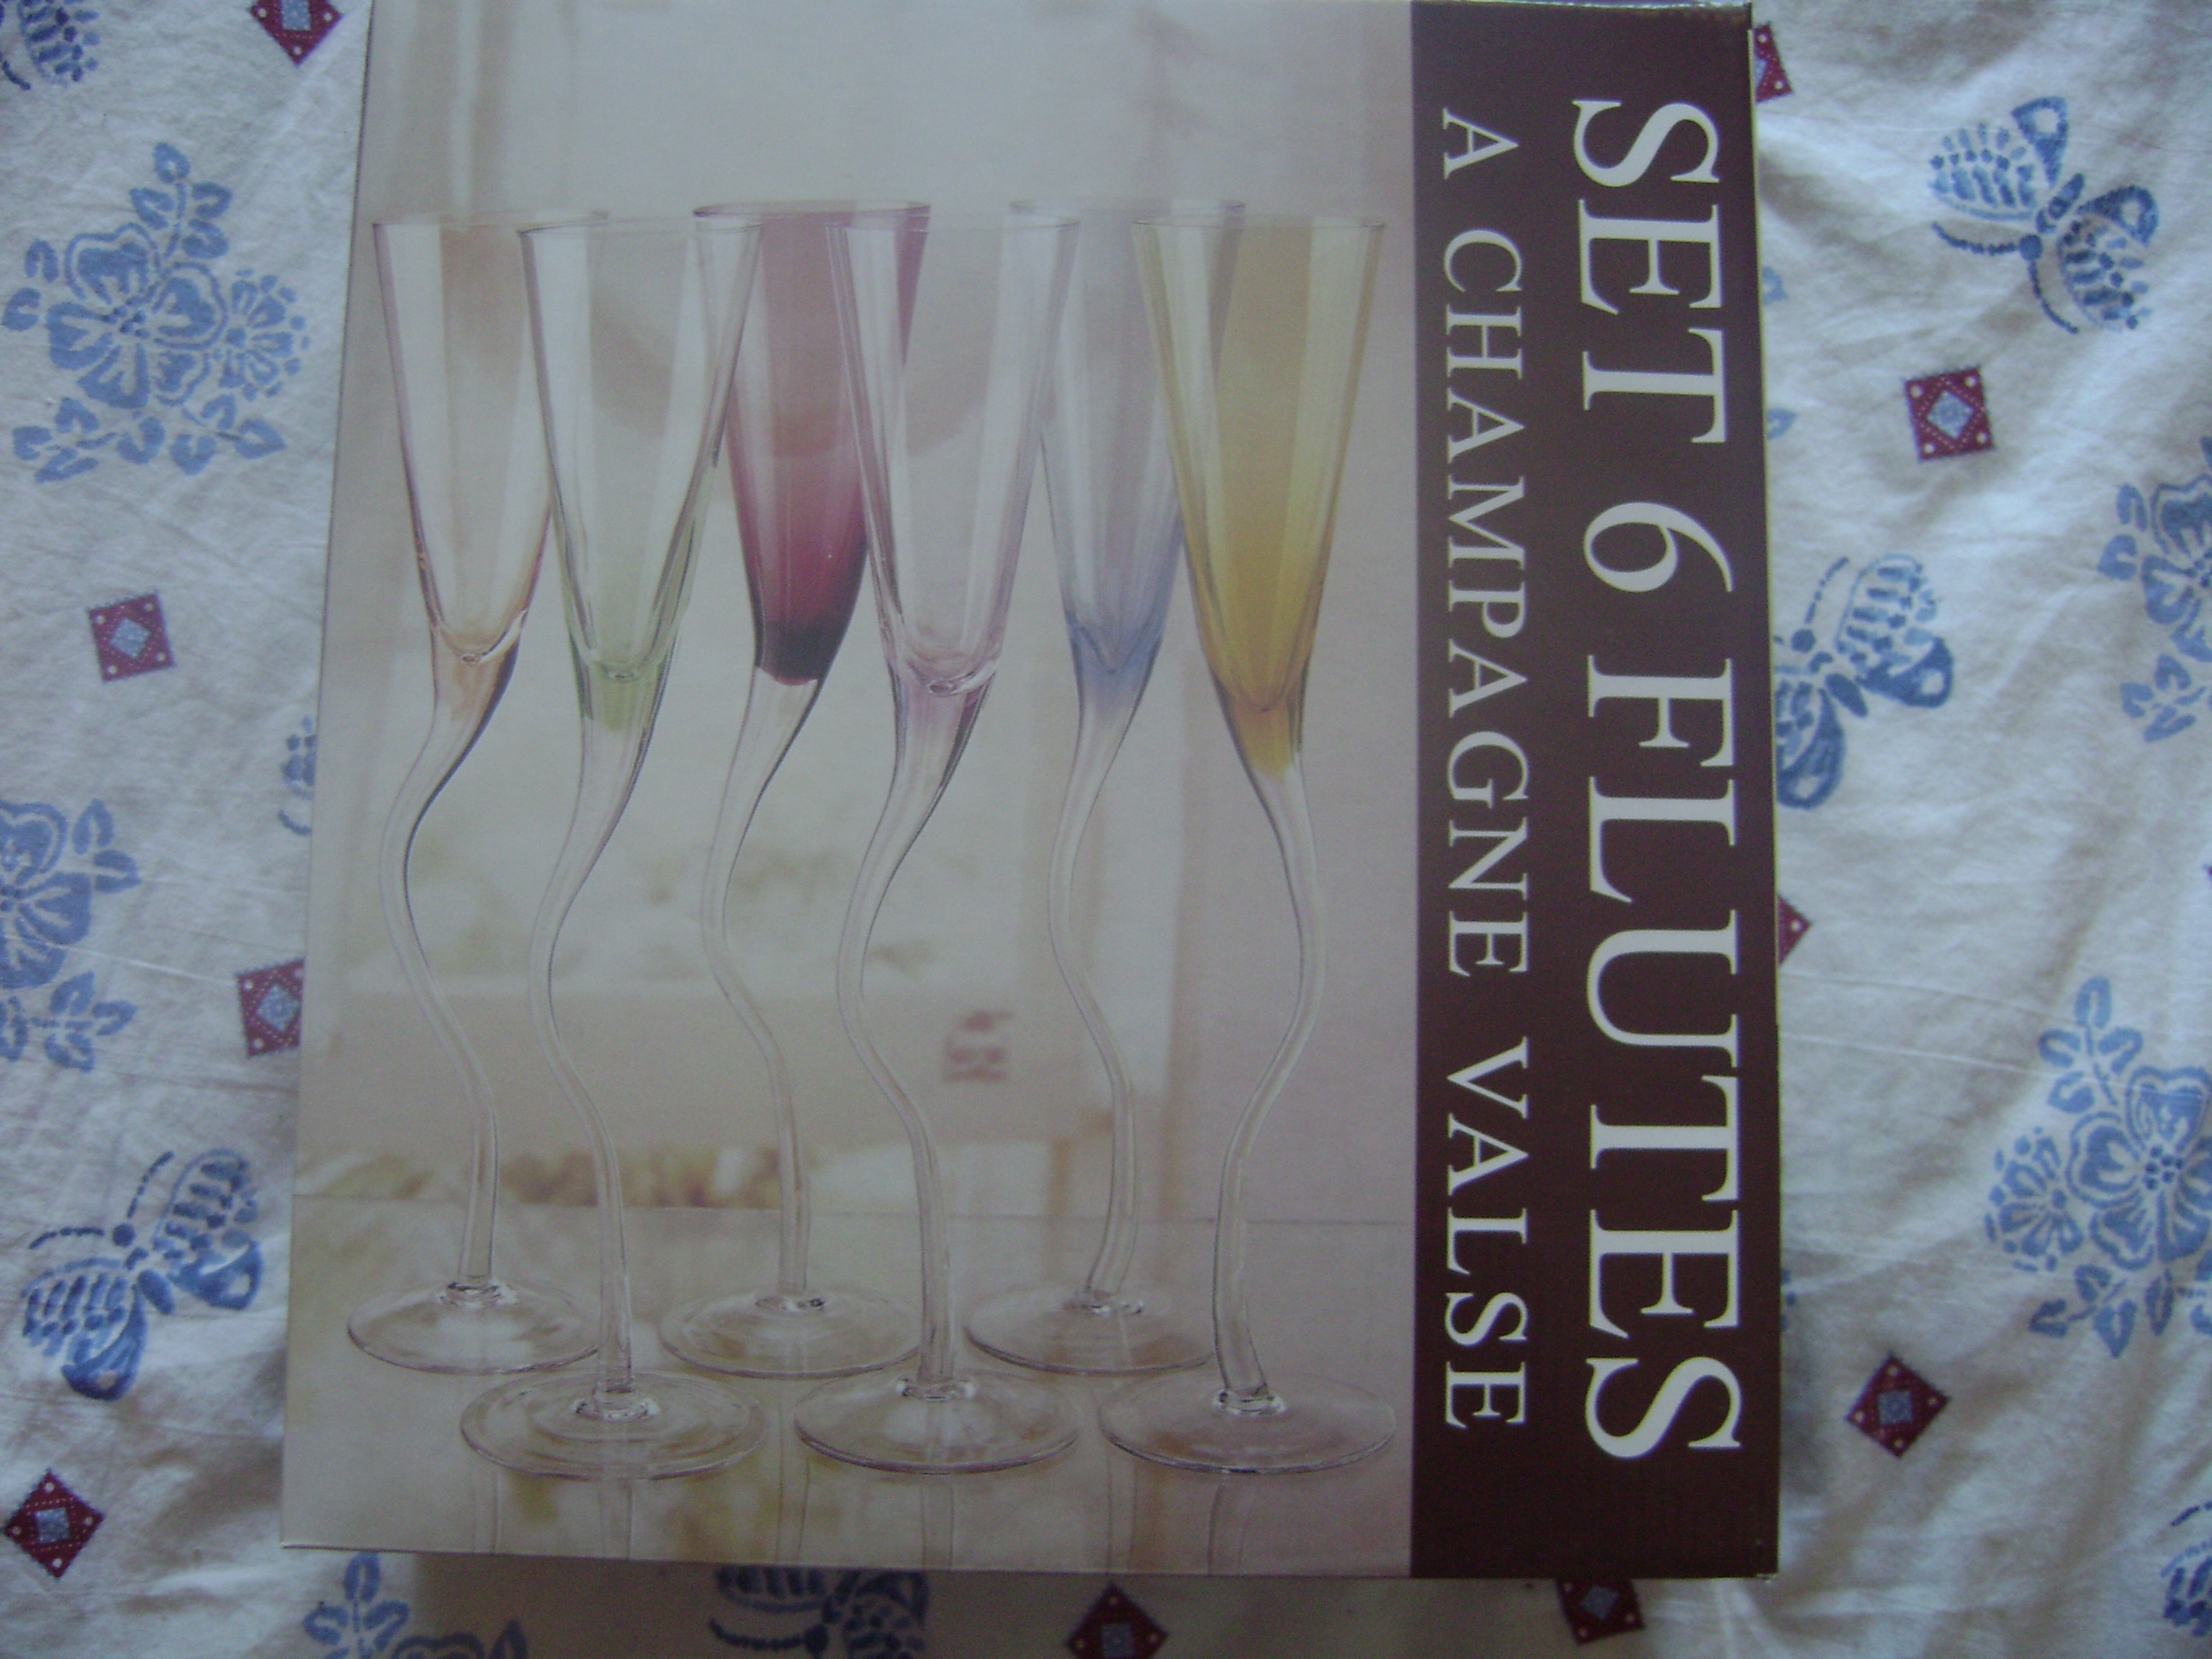 Fl tes champagne originales neuves 10 euros v tements et objets vendre vivie r photos - Flutes a champagne originales ...